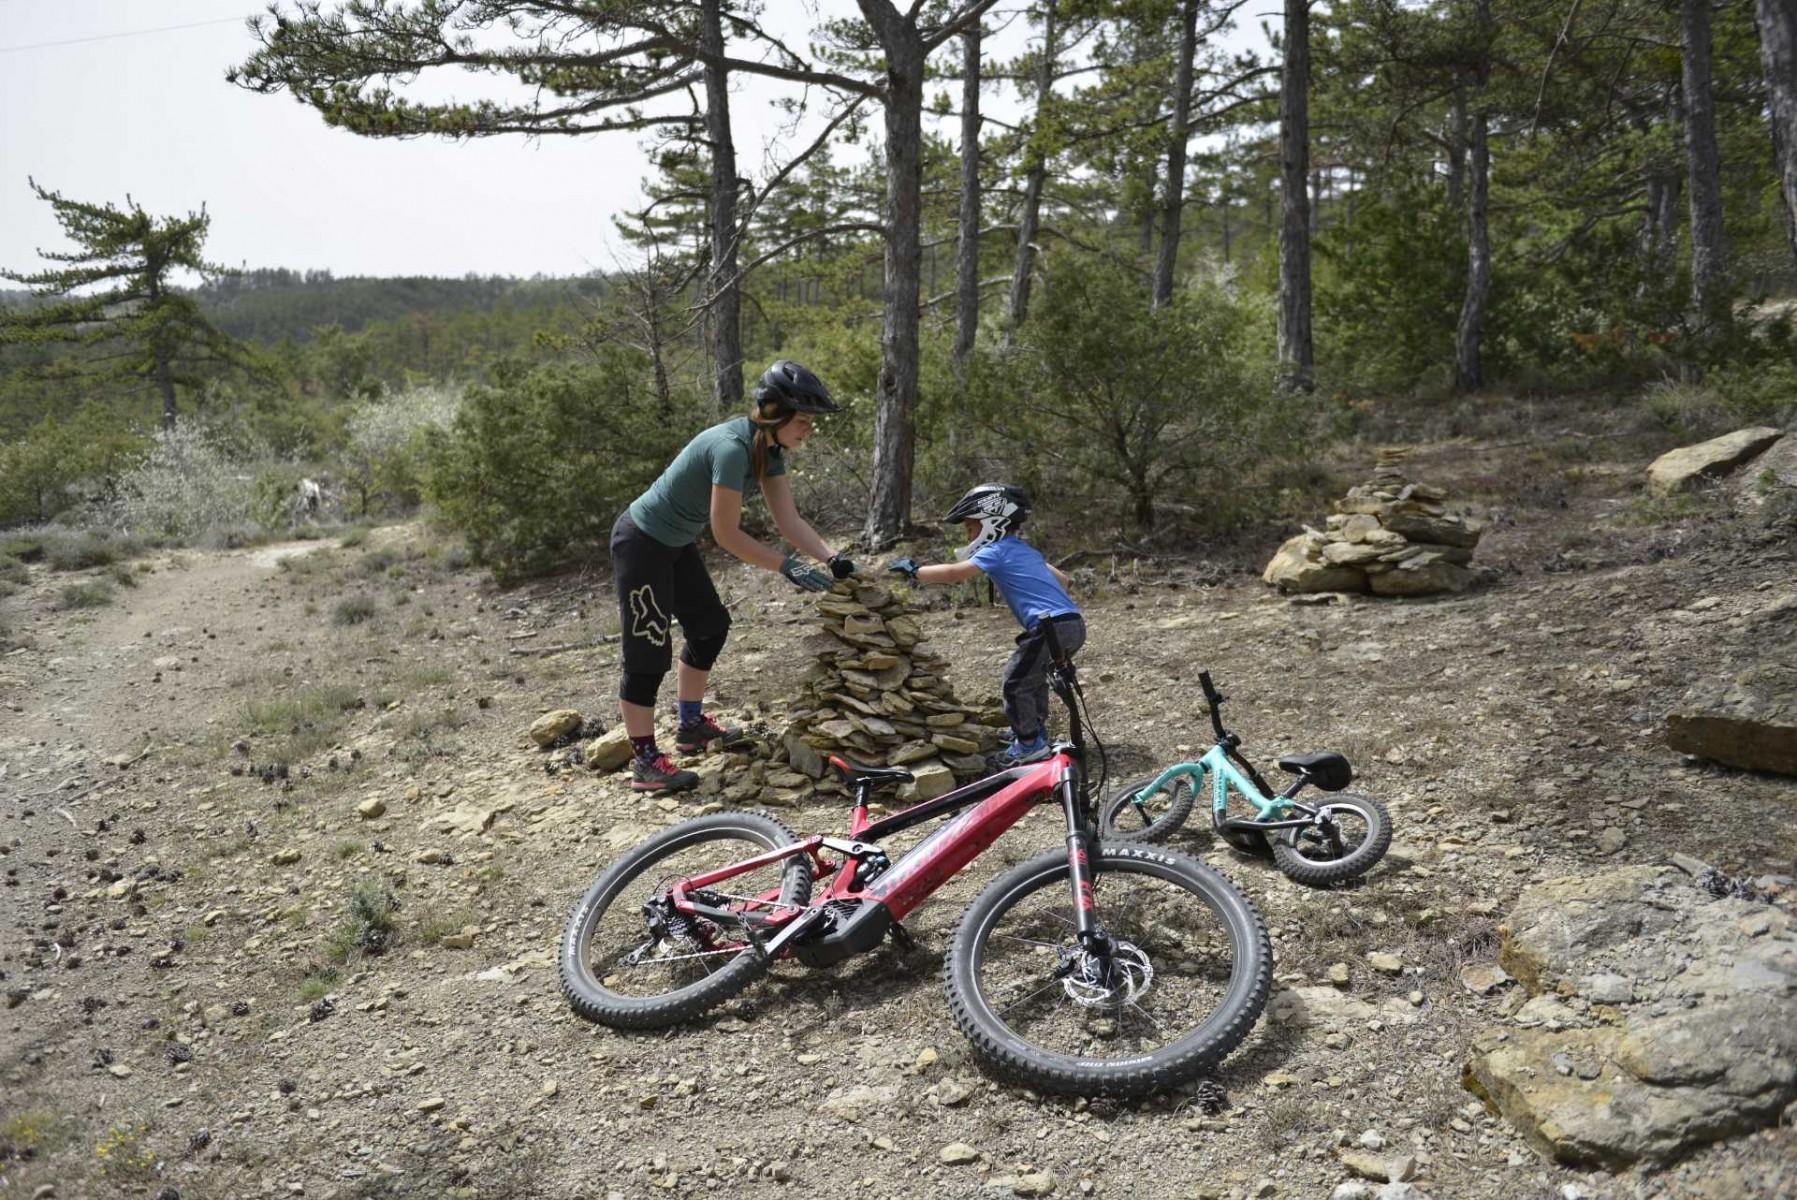 faire du vélo avec son enfant. Maman et enfant bories